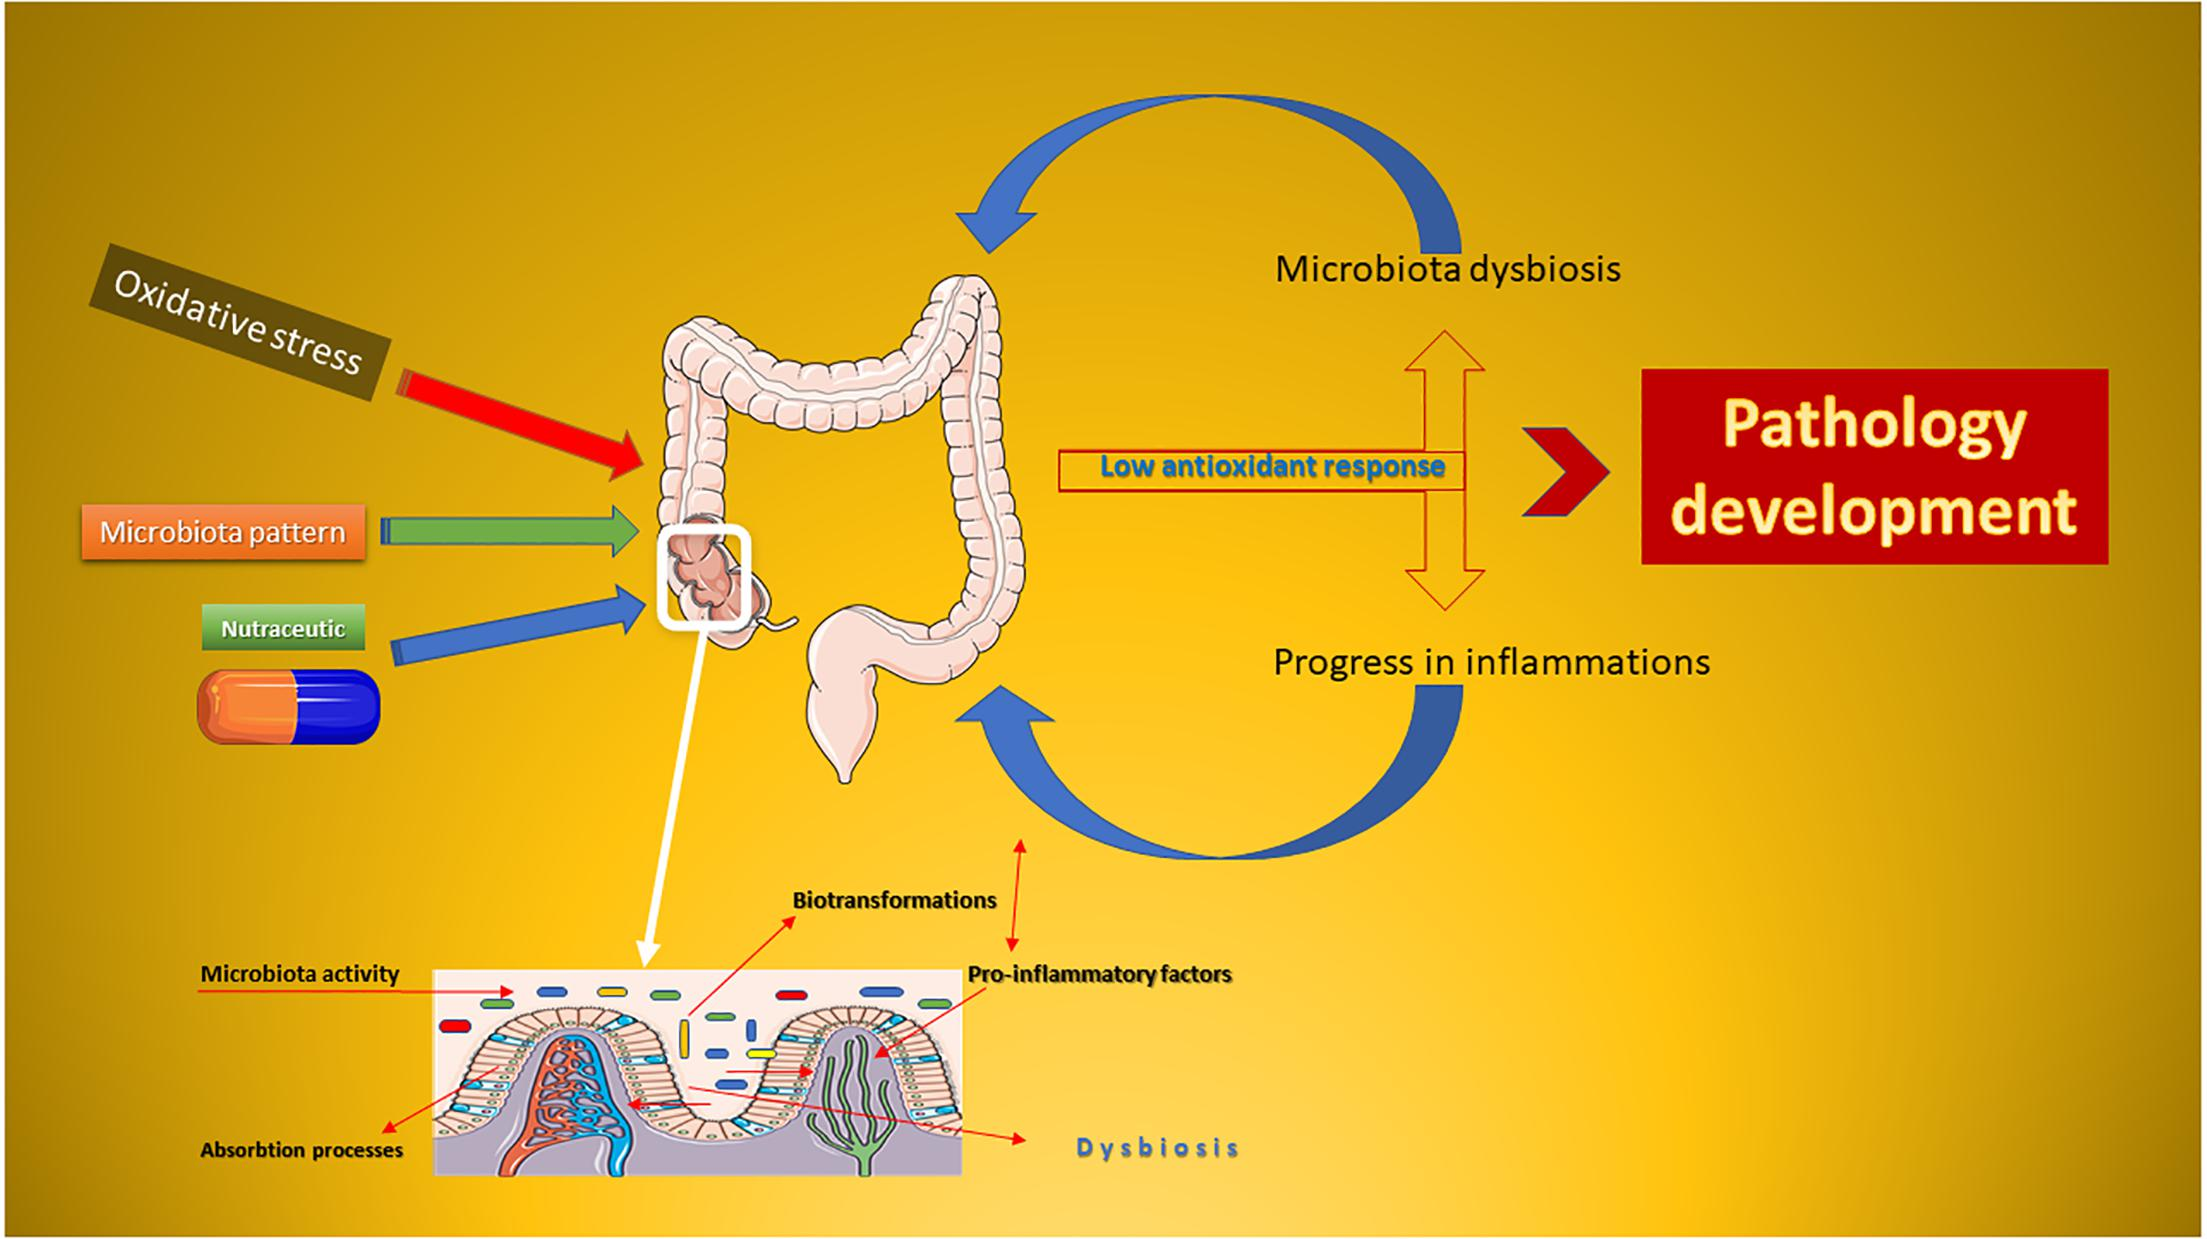 stressz dysbiosis hpv humán papillomavírus anogenitális fertőzés